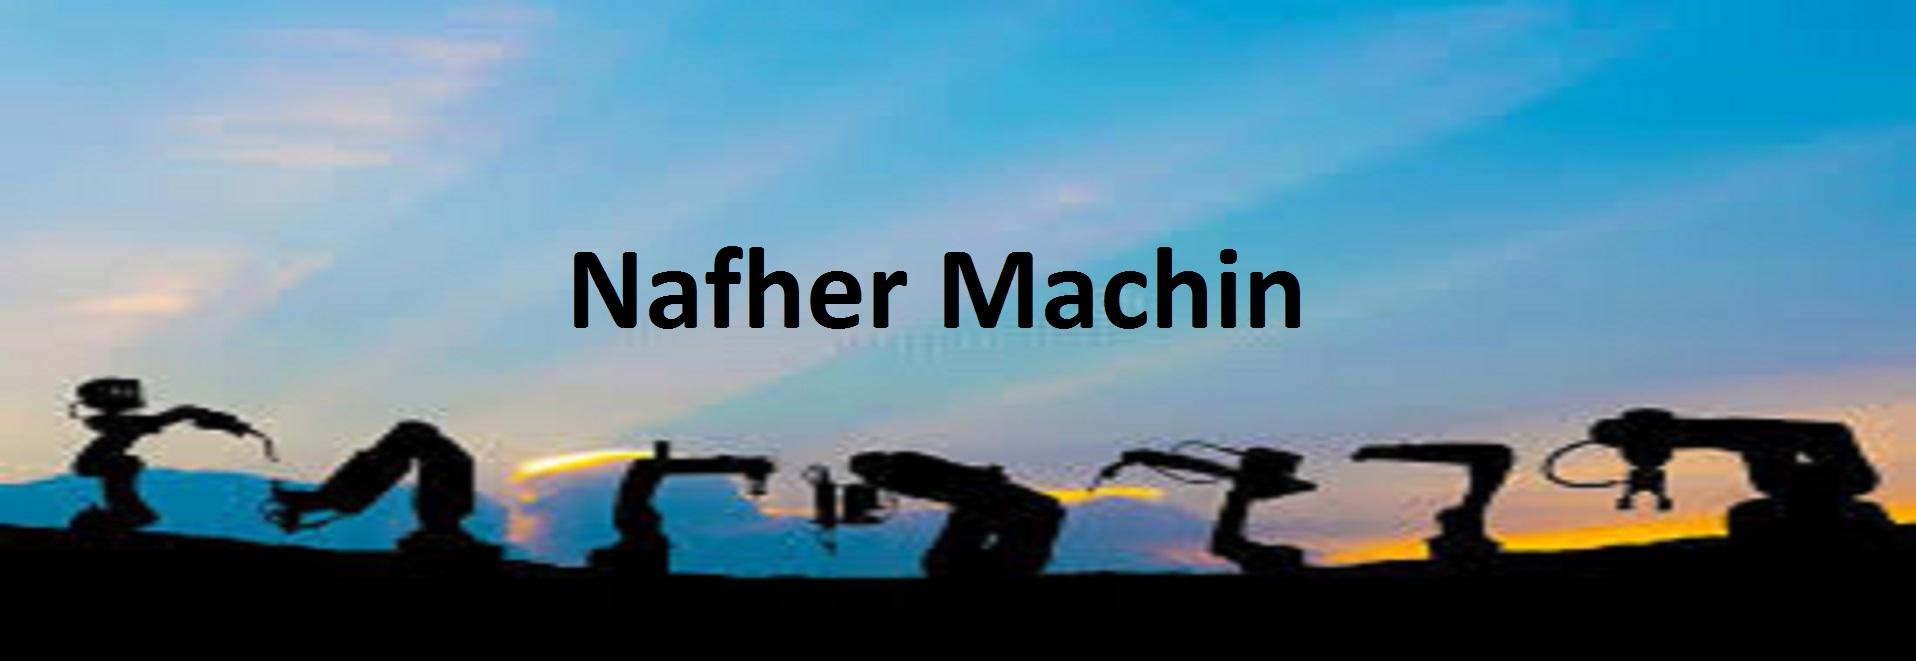 گروه فنی مهندسی نافهر ماشین